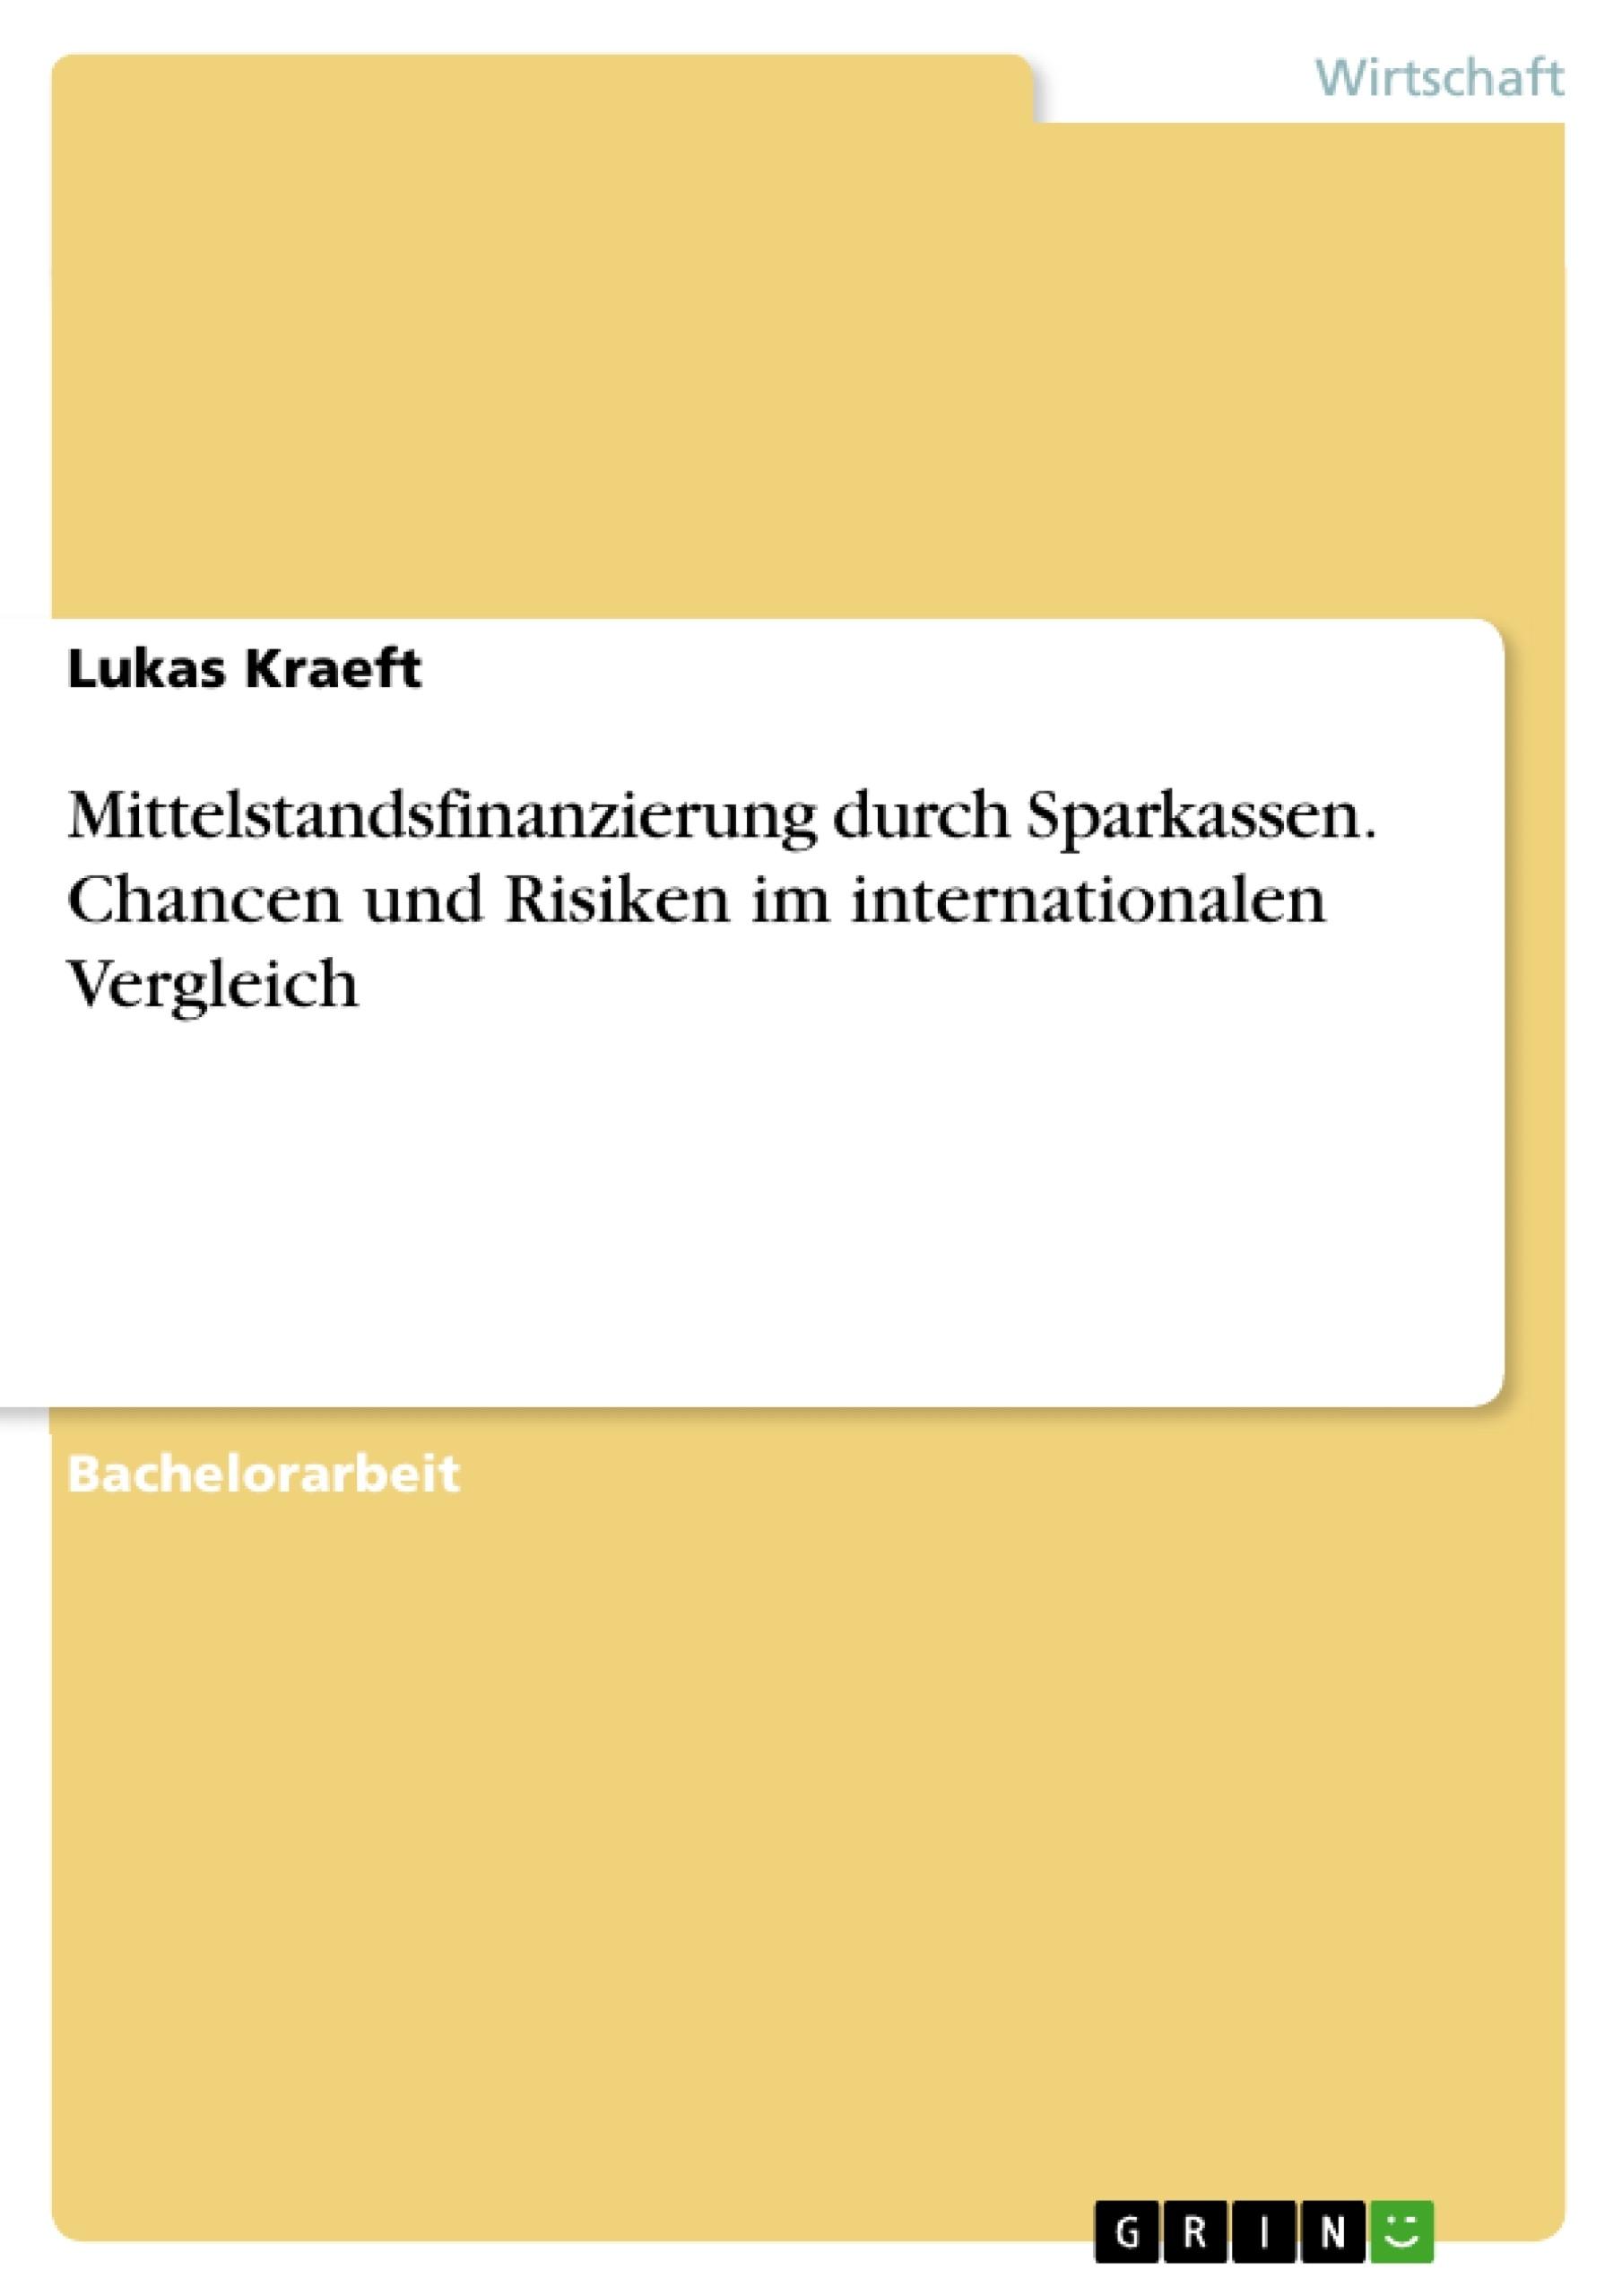 Titel: Mittelstandsfinanzierung durch Sparkassen. Chancen und Risiken im internationalen Vergleich